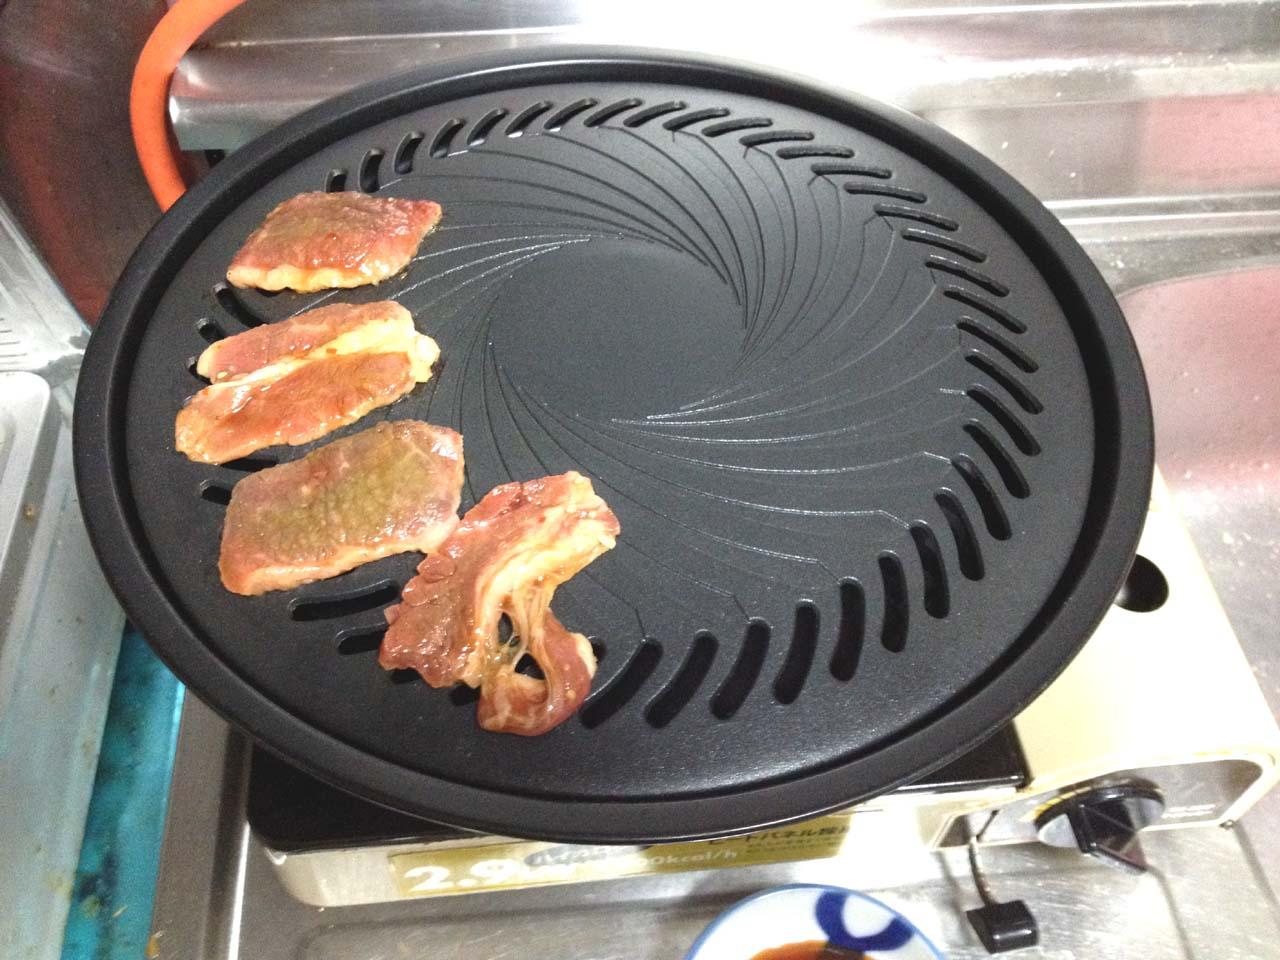 焼き肉を焼いているところ